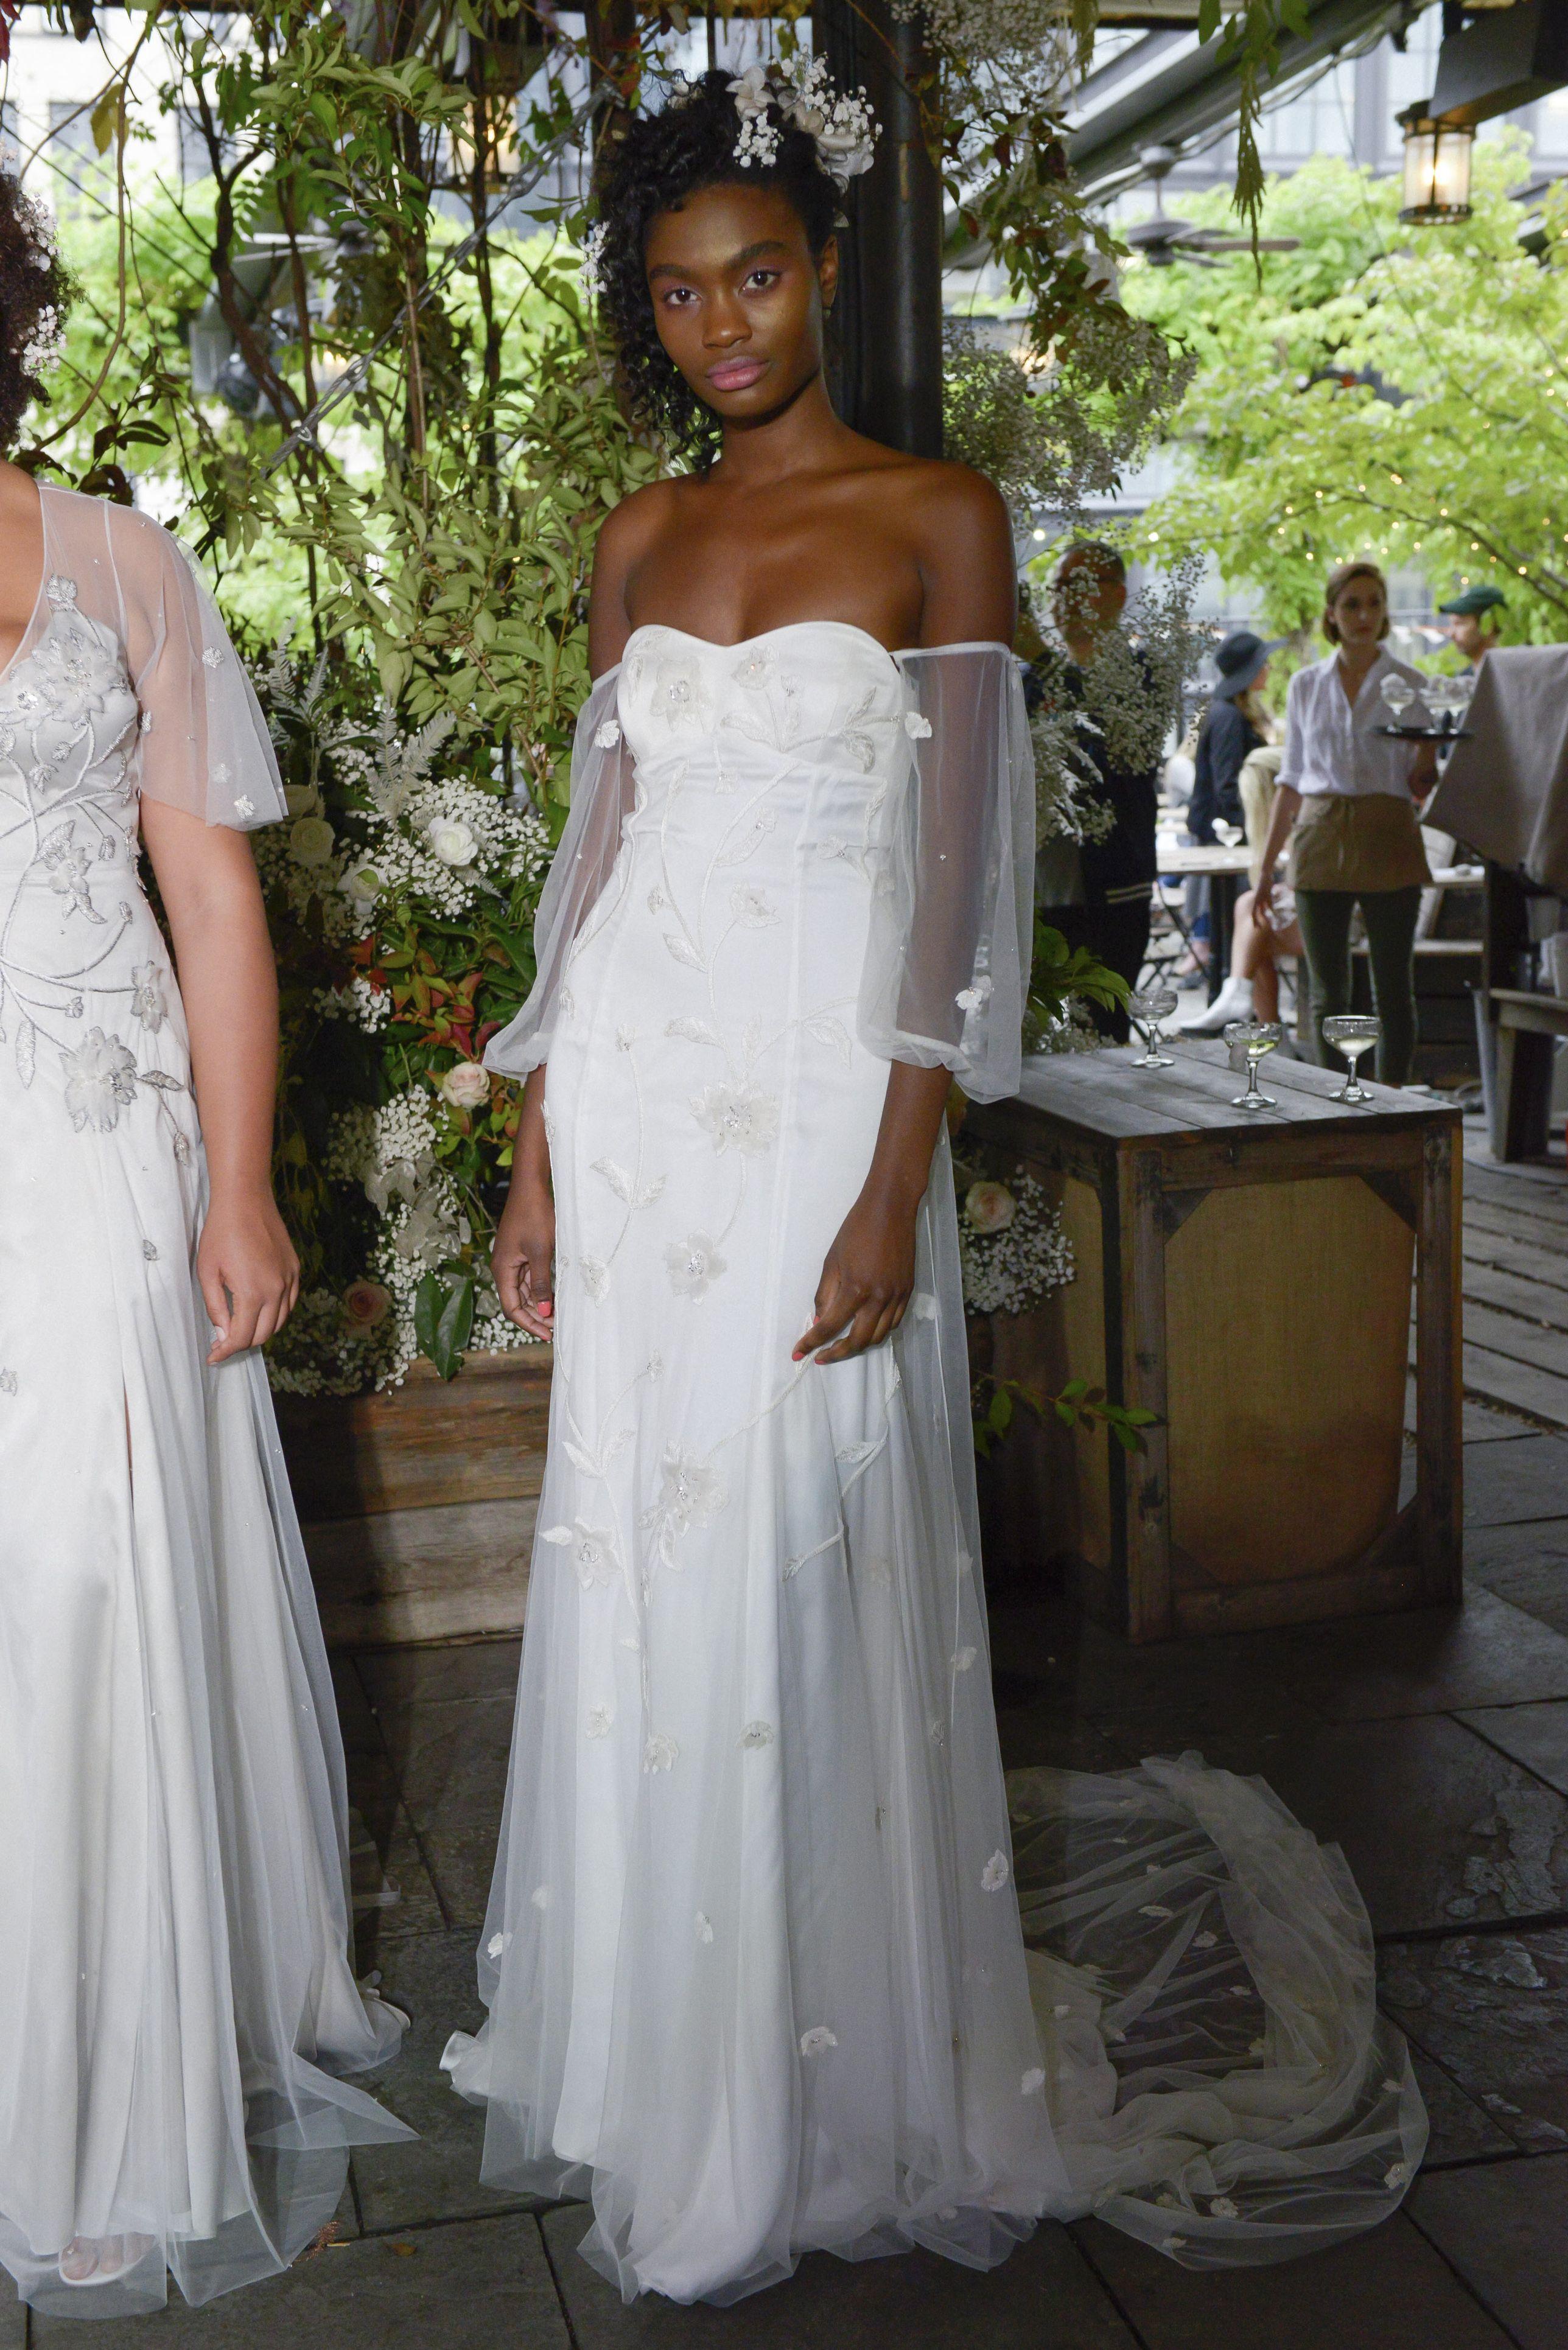 Mooiste Bruidsjurken.De Mooiste Bruidsjurken Van Bridal Week Herfst Winter 2019